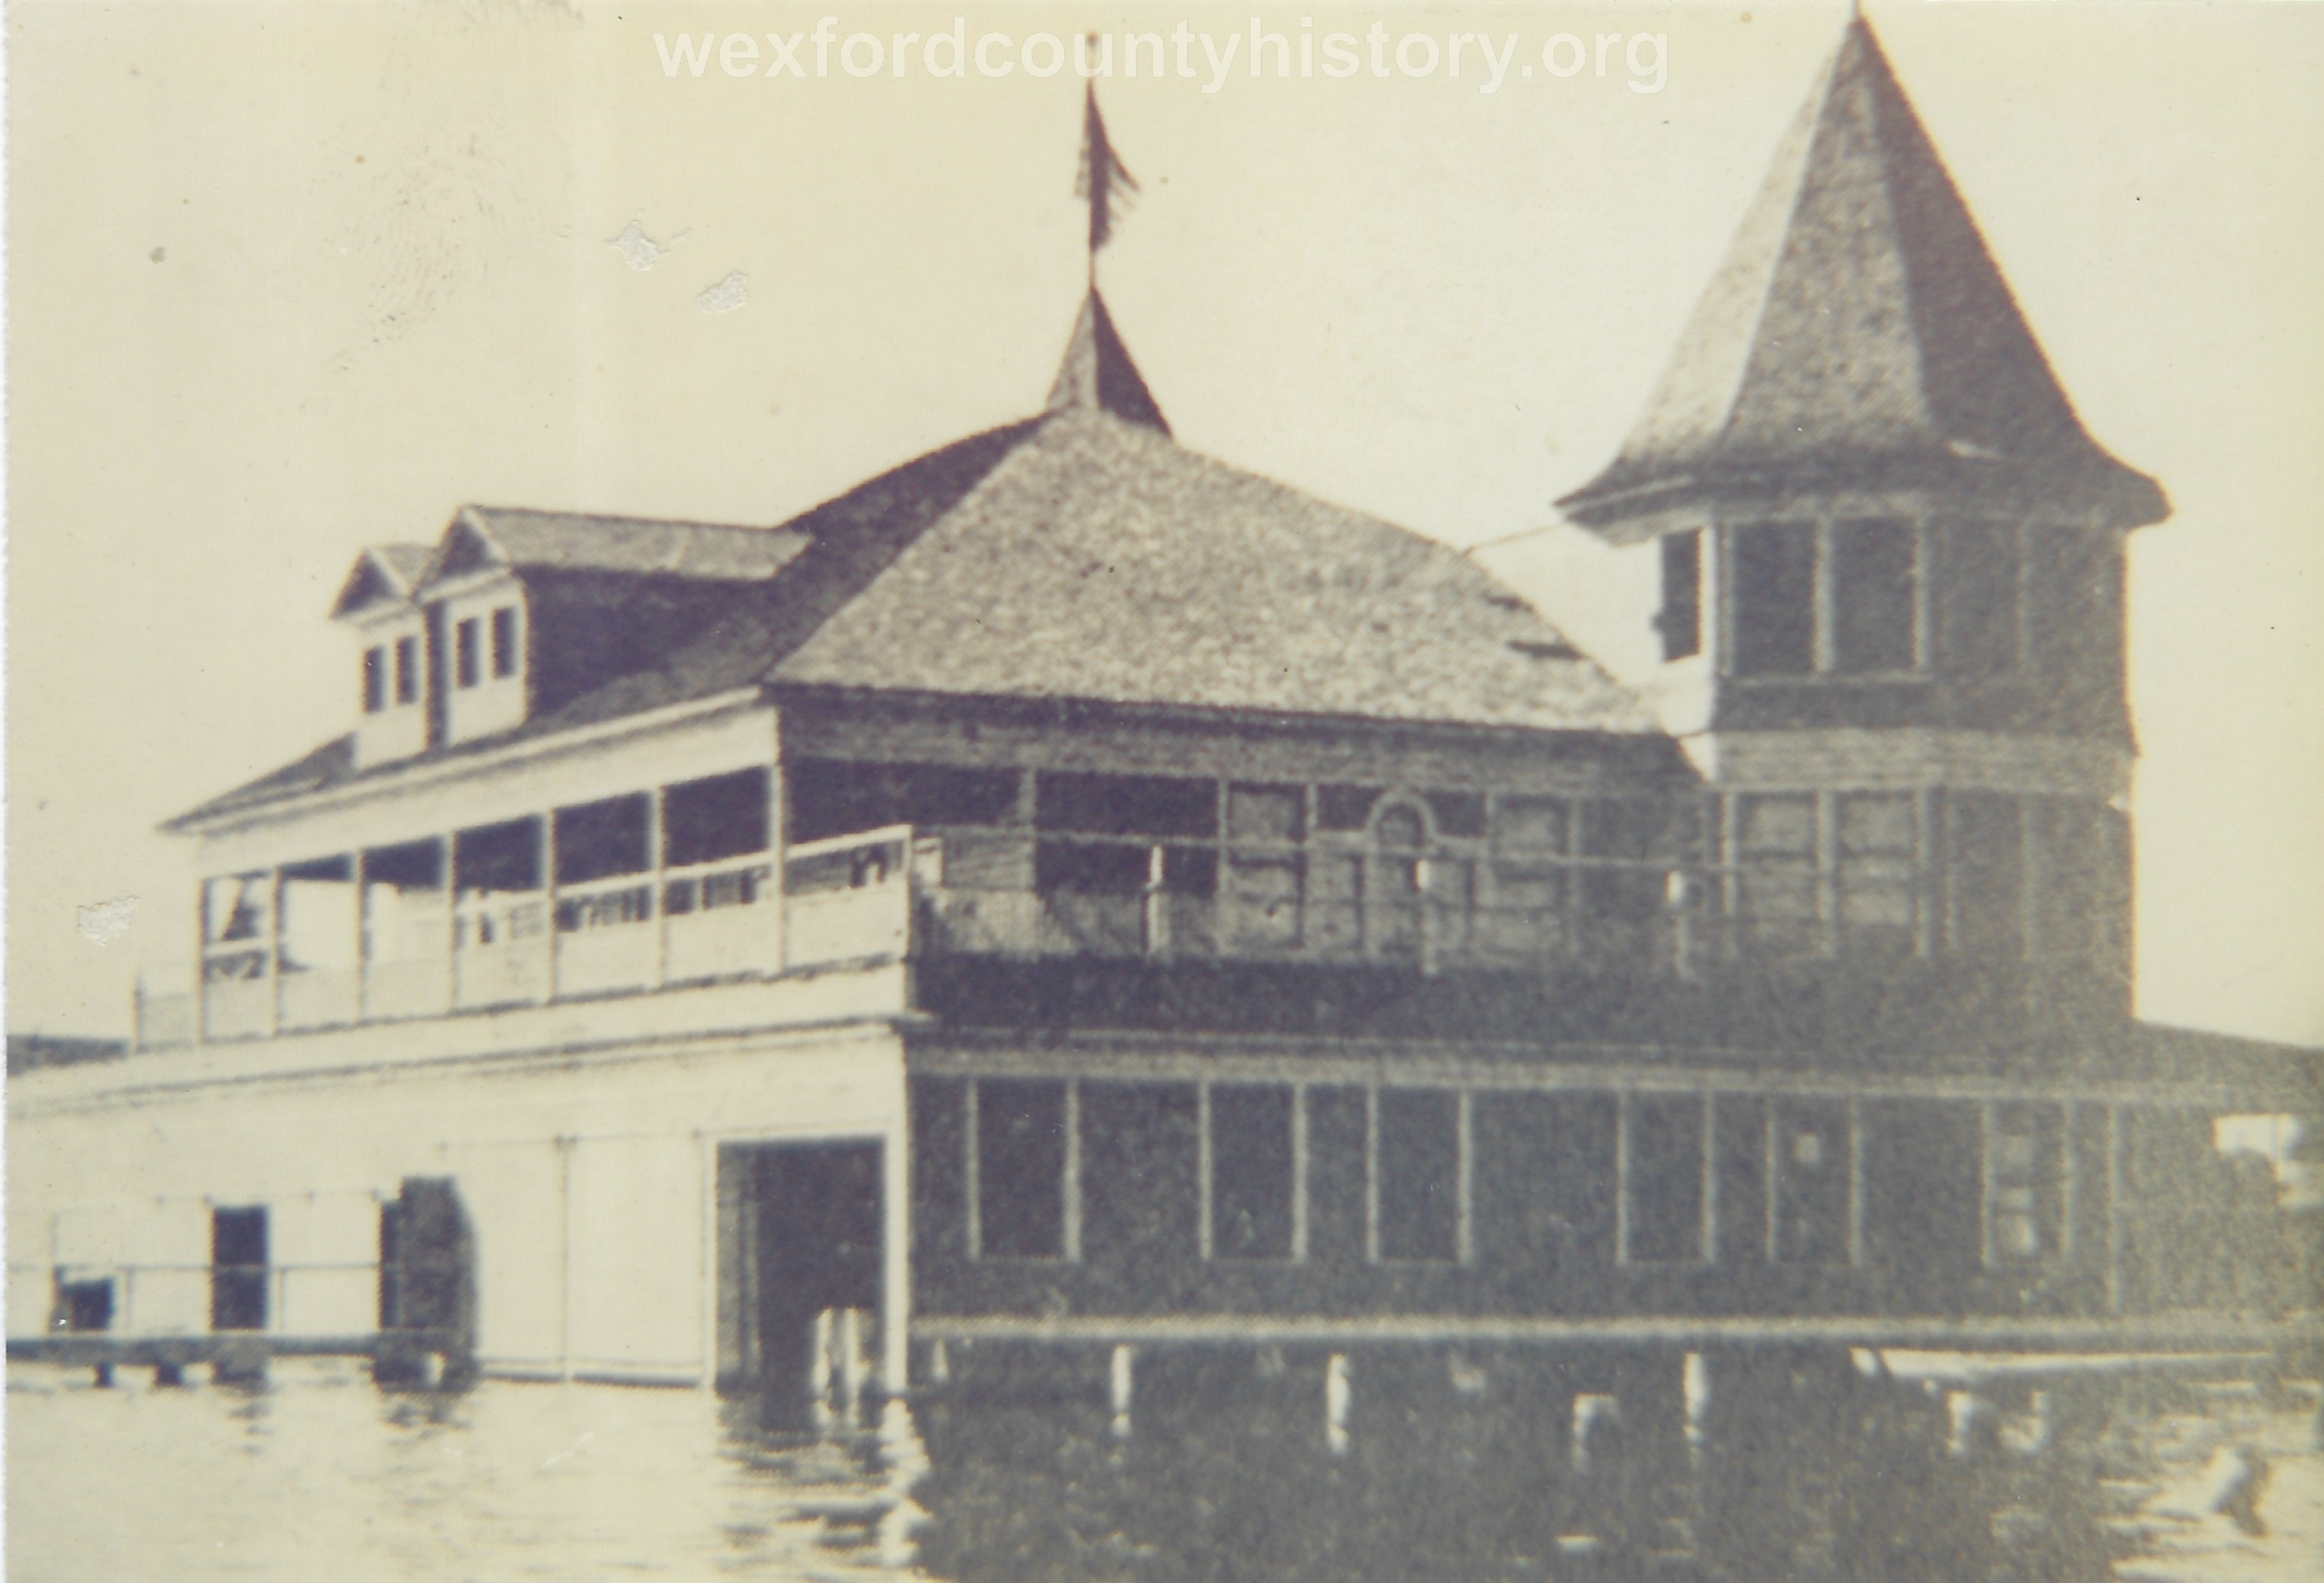 Cadillac Boat Club's Club House